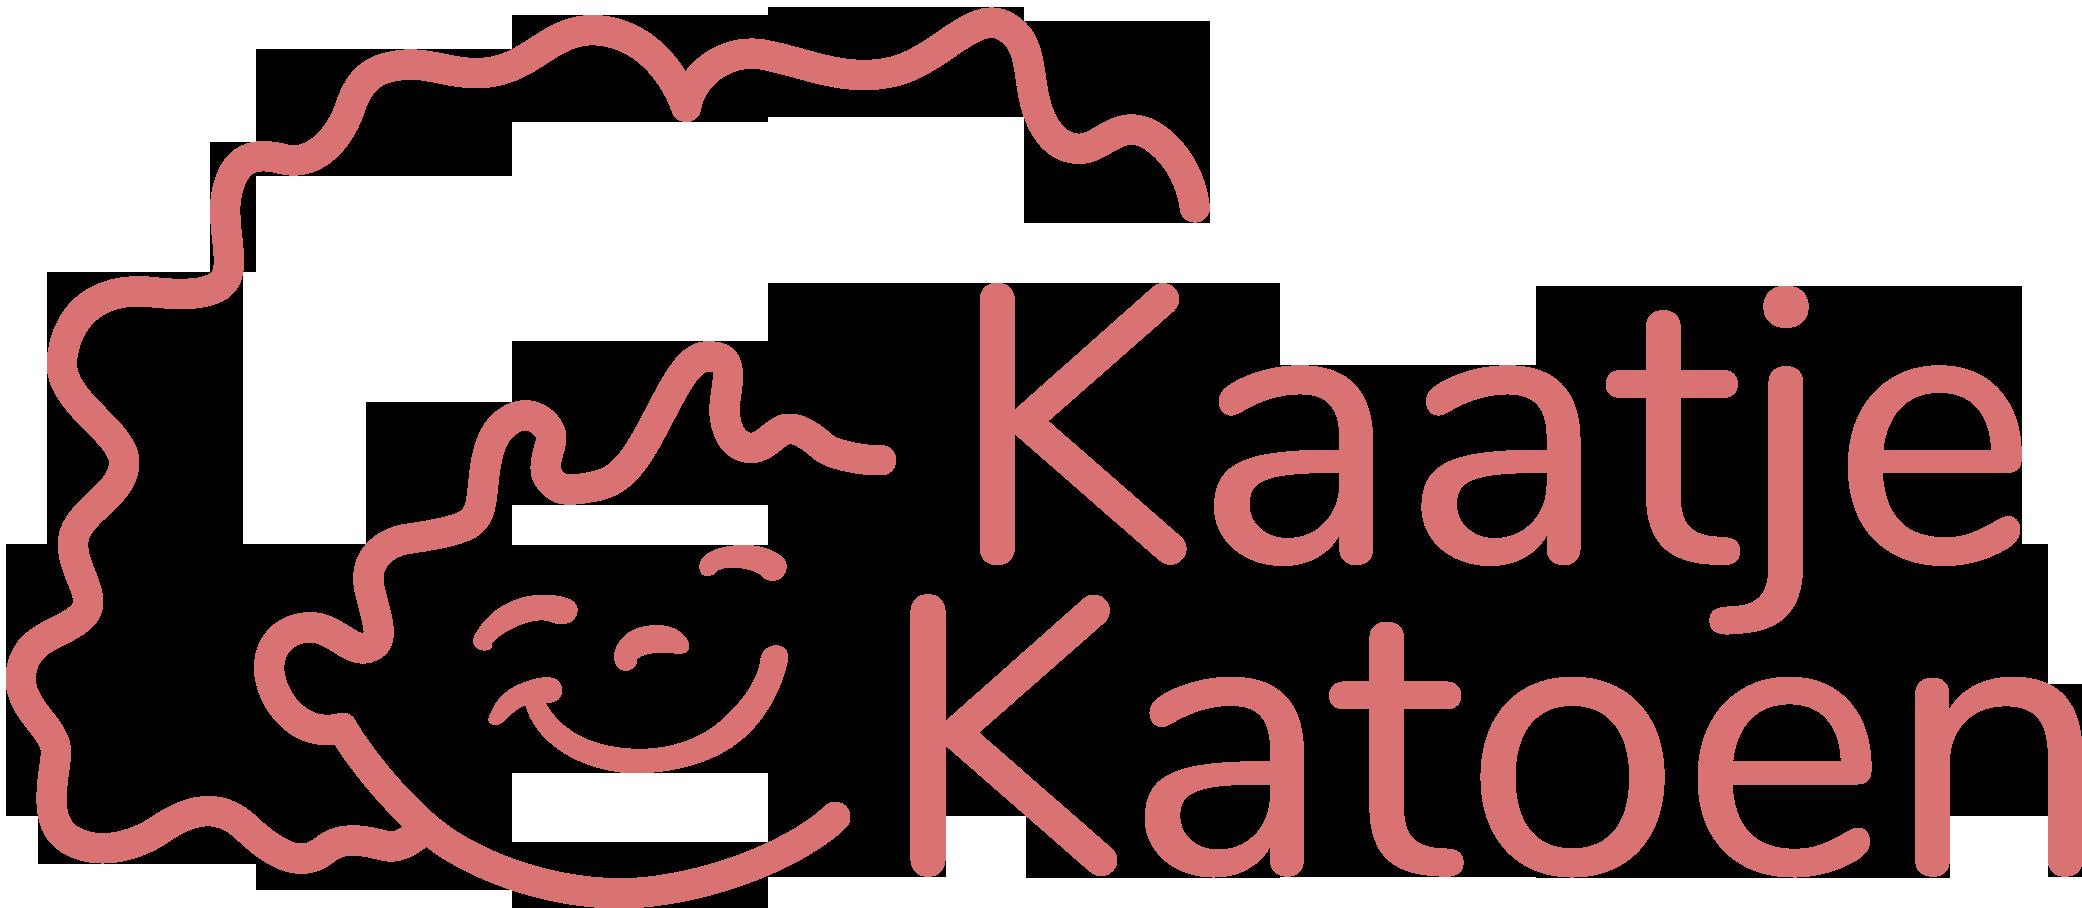 Kaatje Katoen